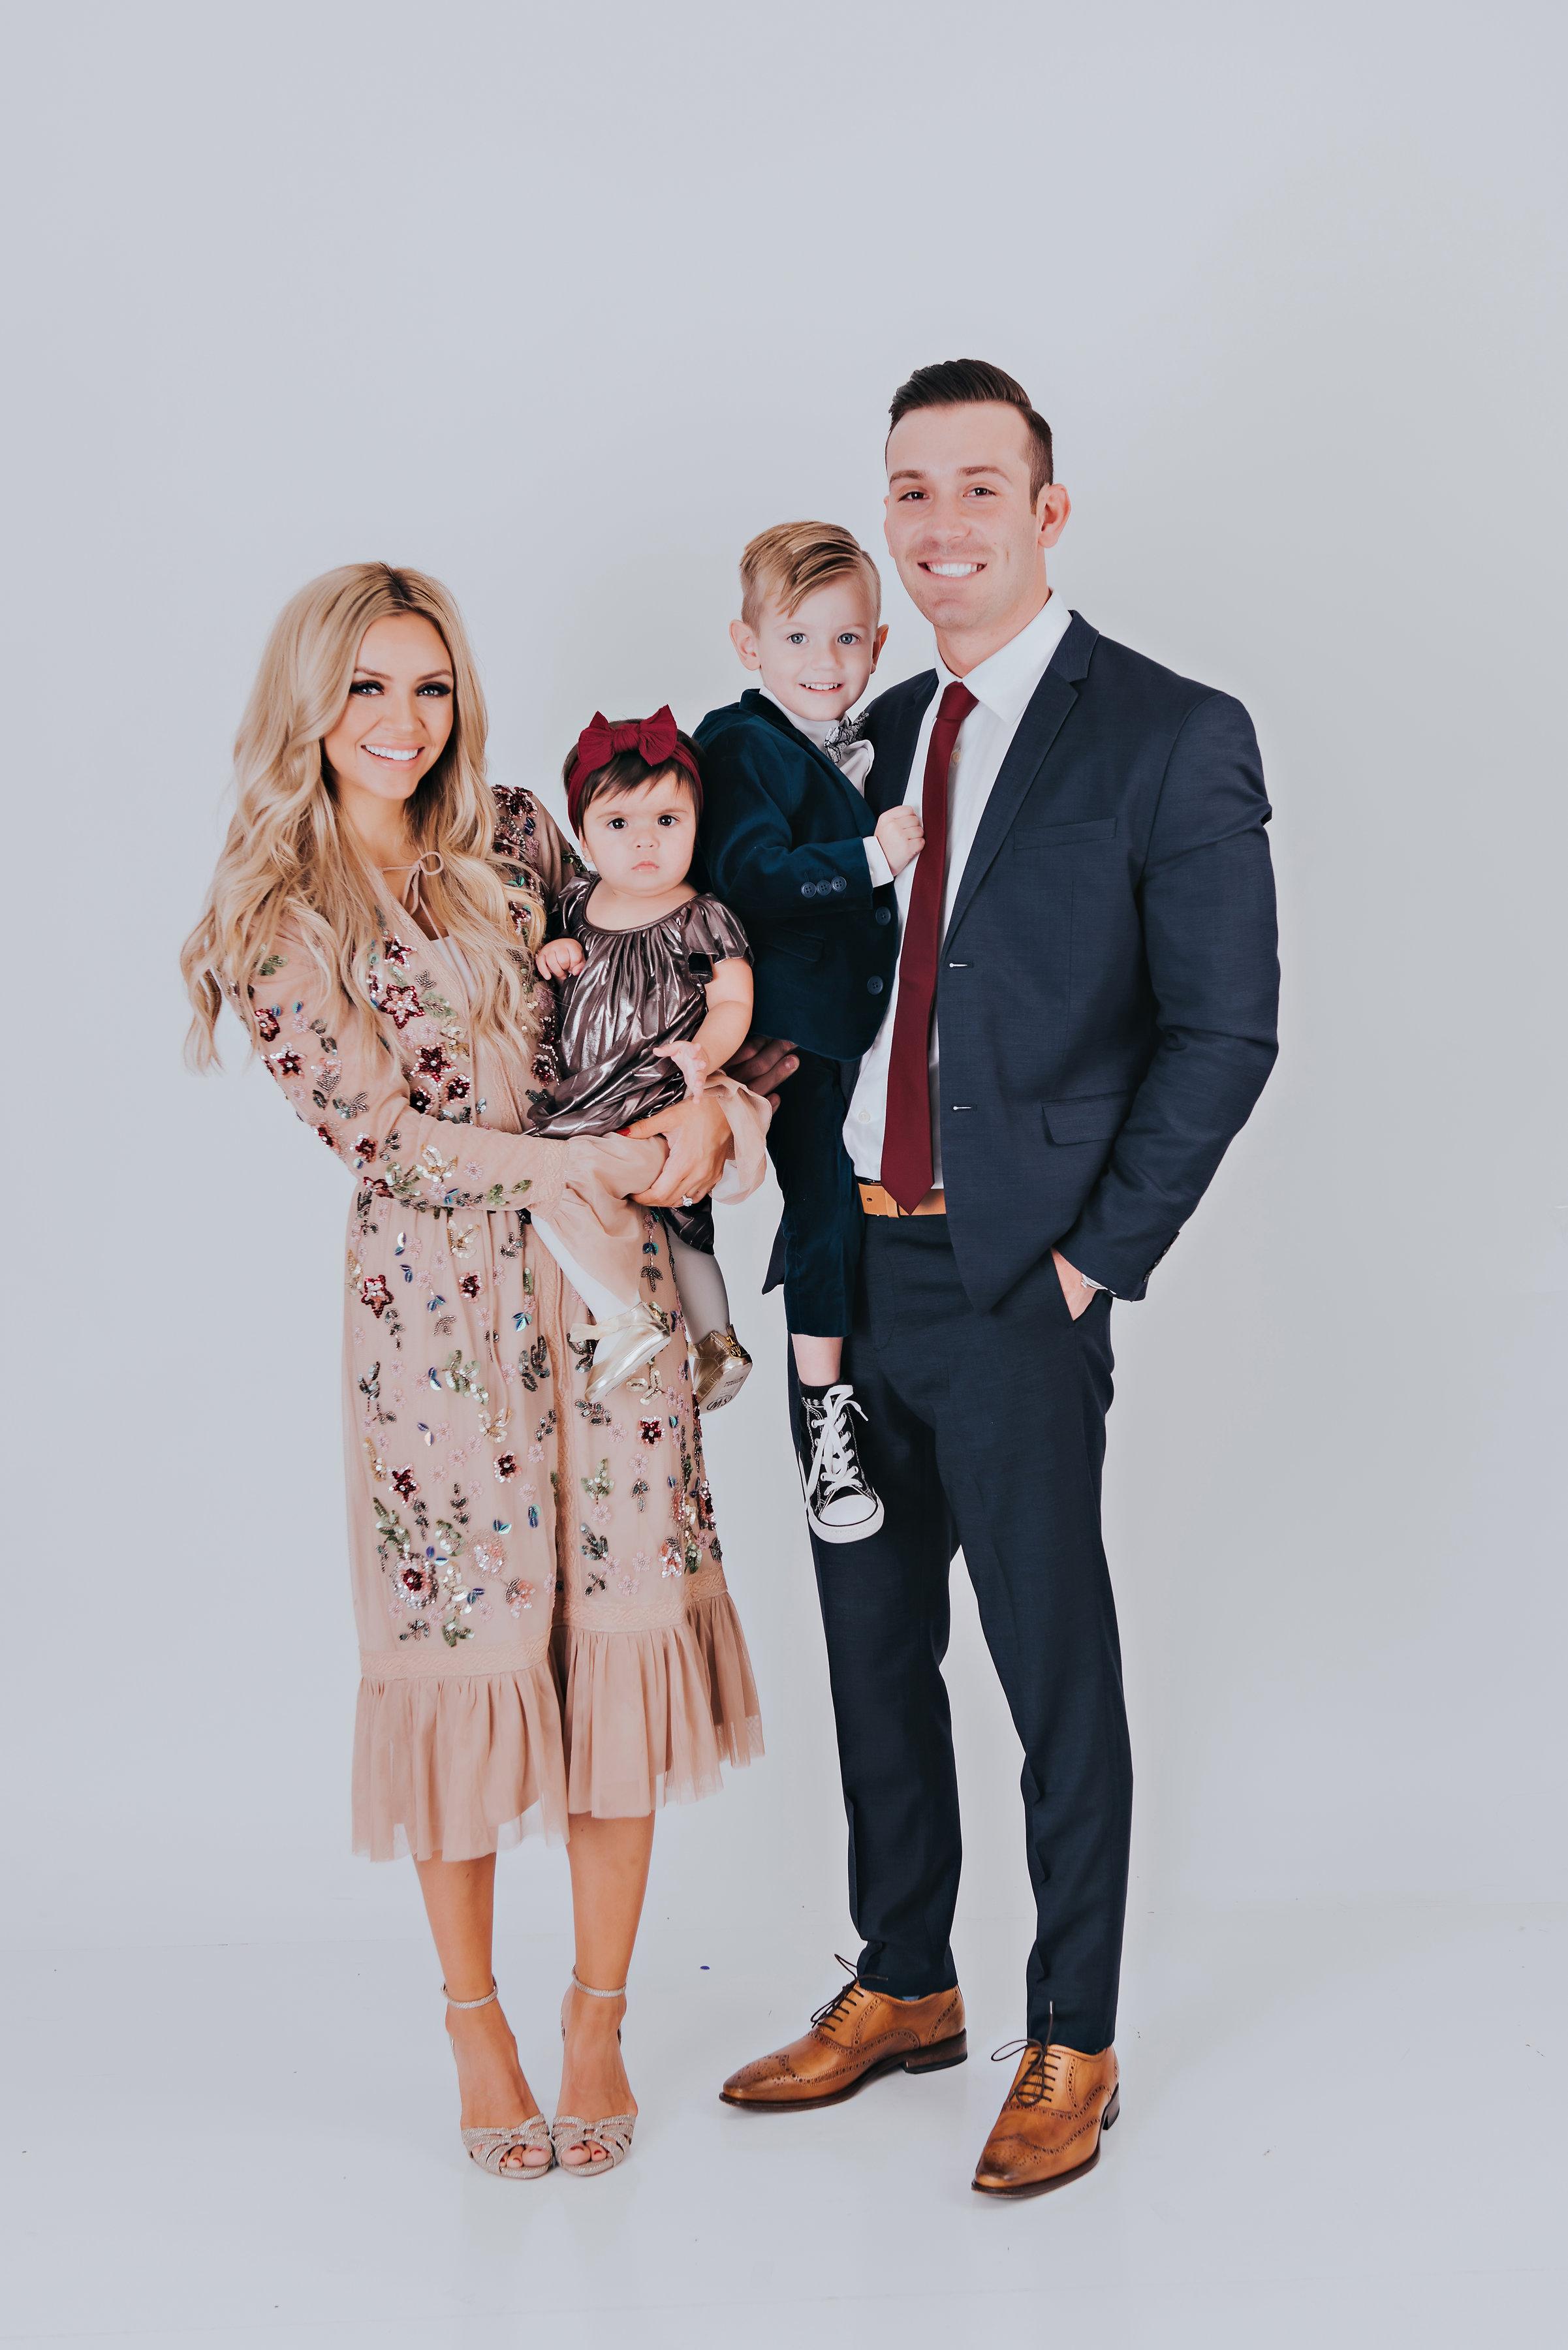 Family Photos 2017 | Happy Holidays!